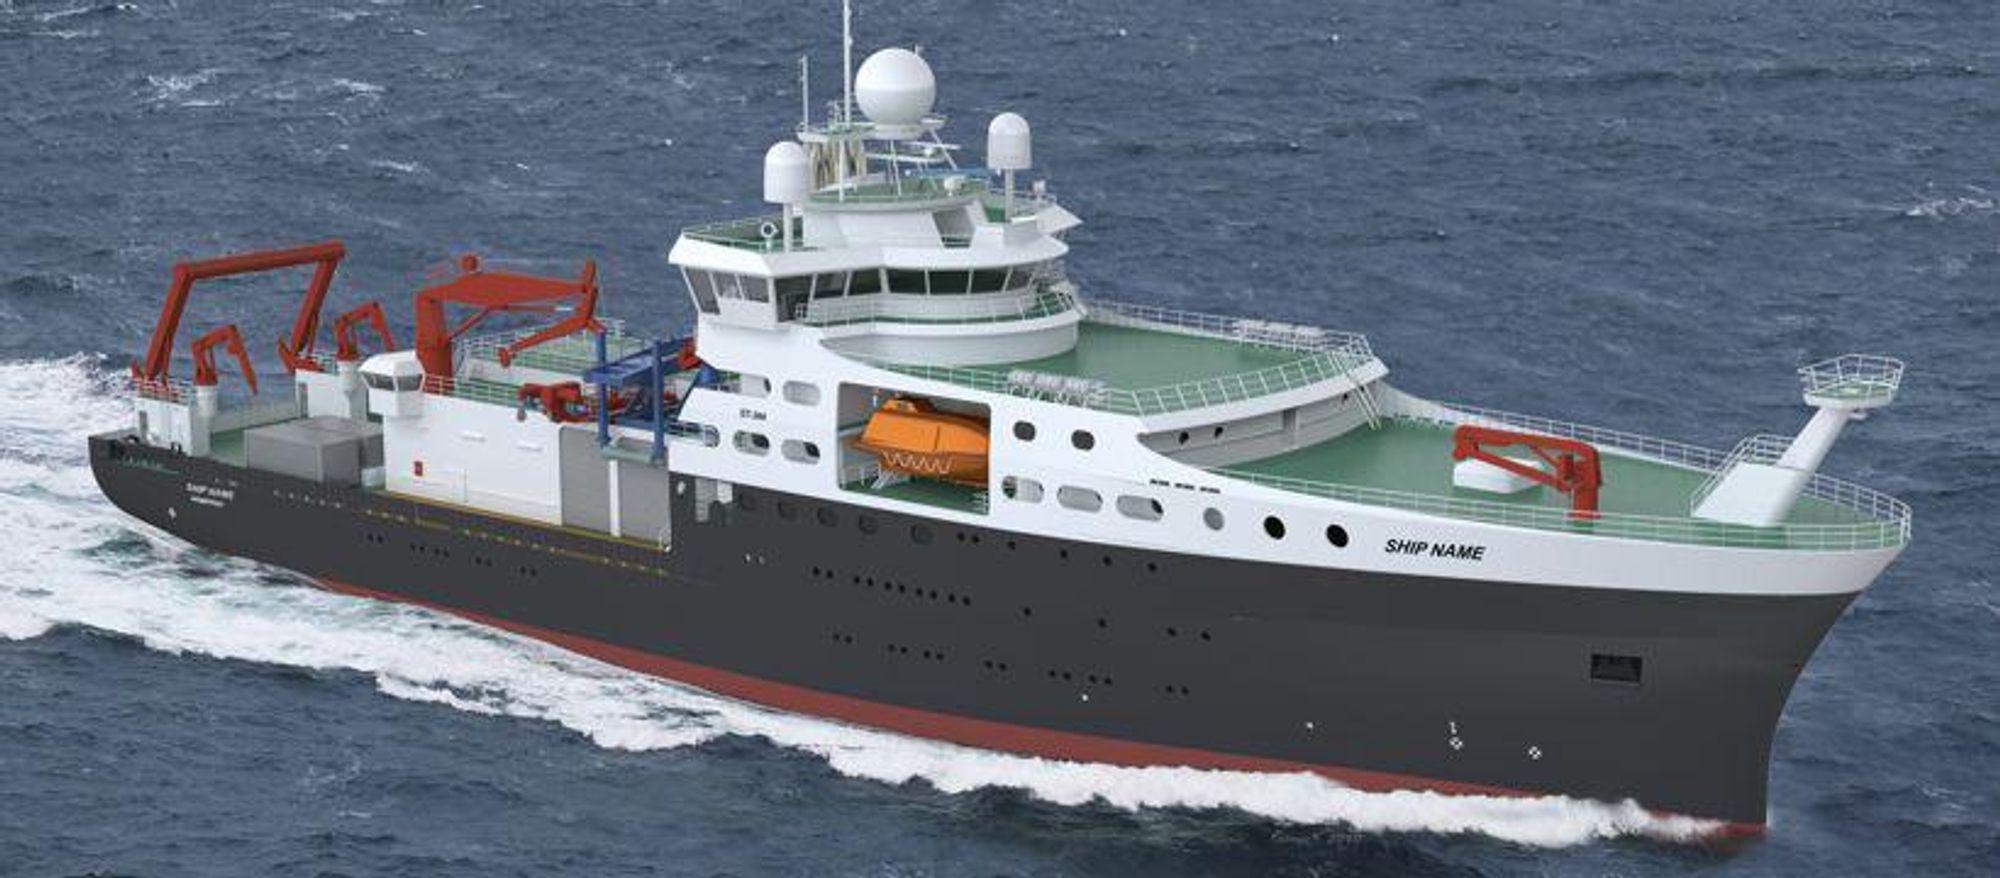 NORSK DESIGN: Skipsteknisk AS har designet RRS Discovery for det britiskebritiske Natural Environment Research Council (NERC).